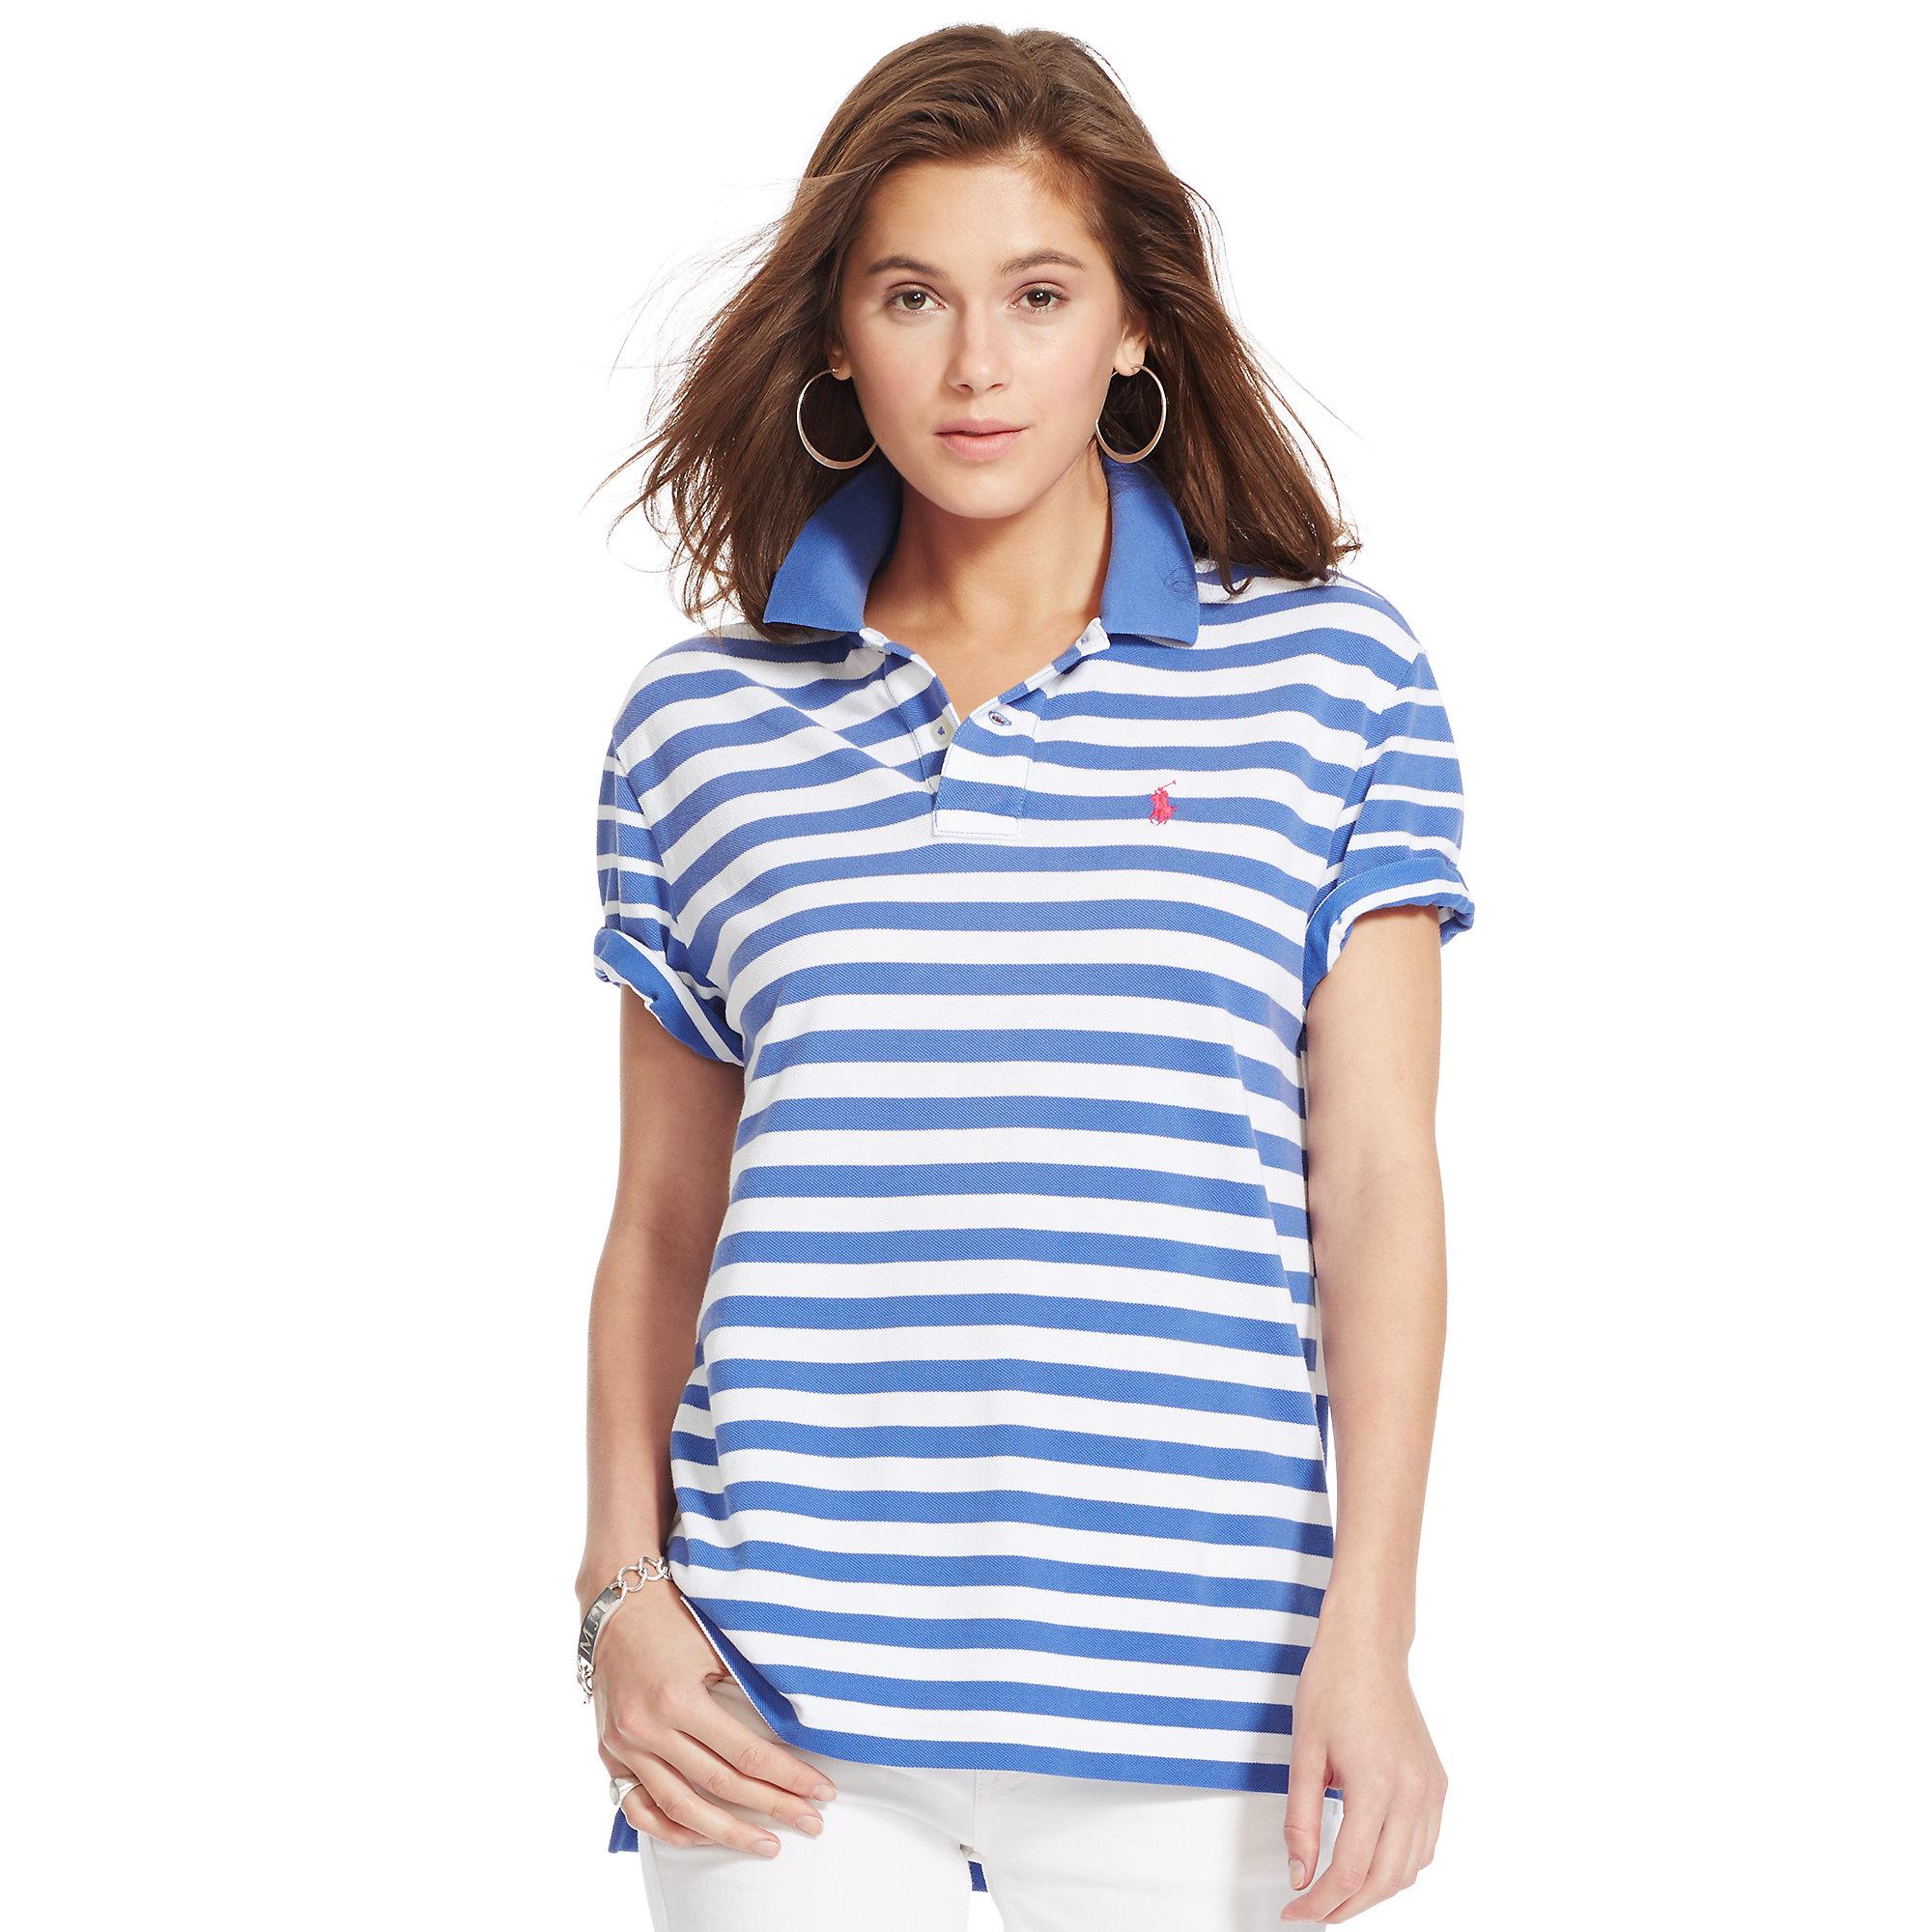 0abebca5d42c Lyst - Polo Ralph Lauren Contrast-stripe Boyfriend Polo in Blue